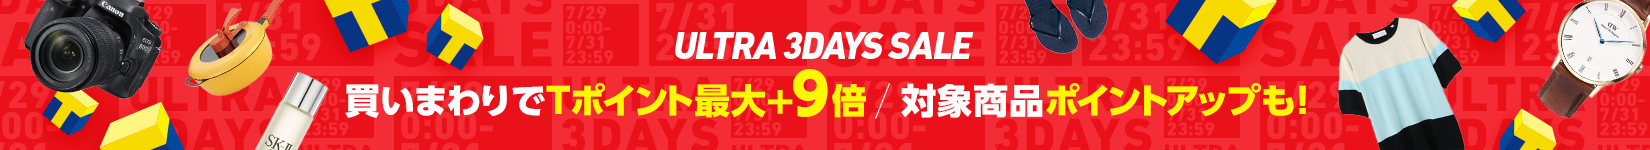 ウルトラ3DAYS(30日)